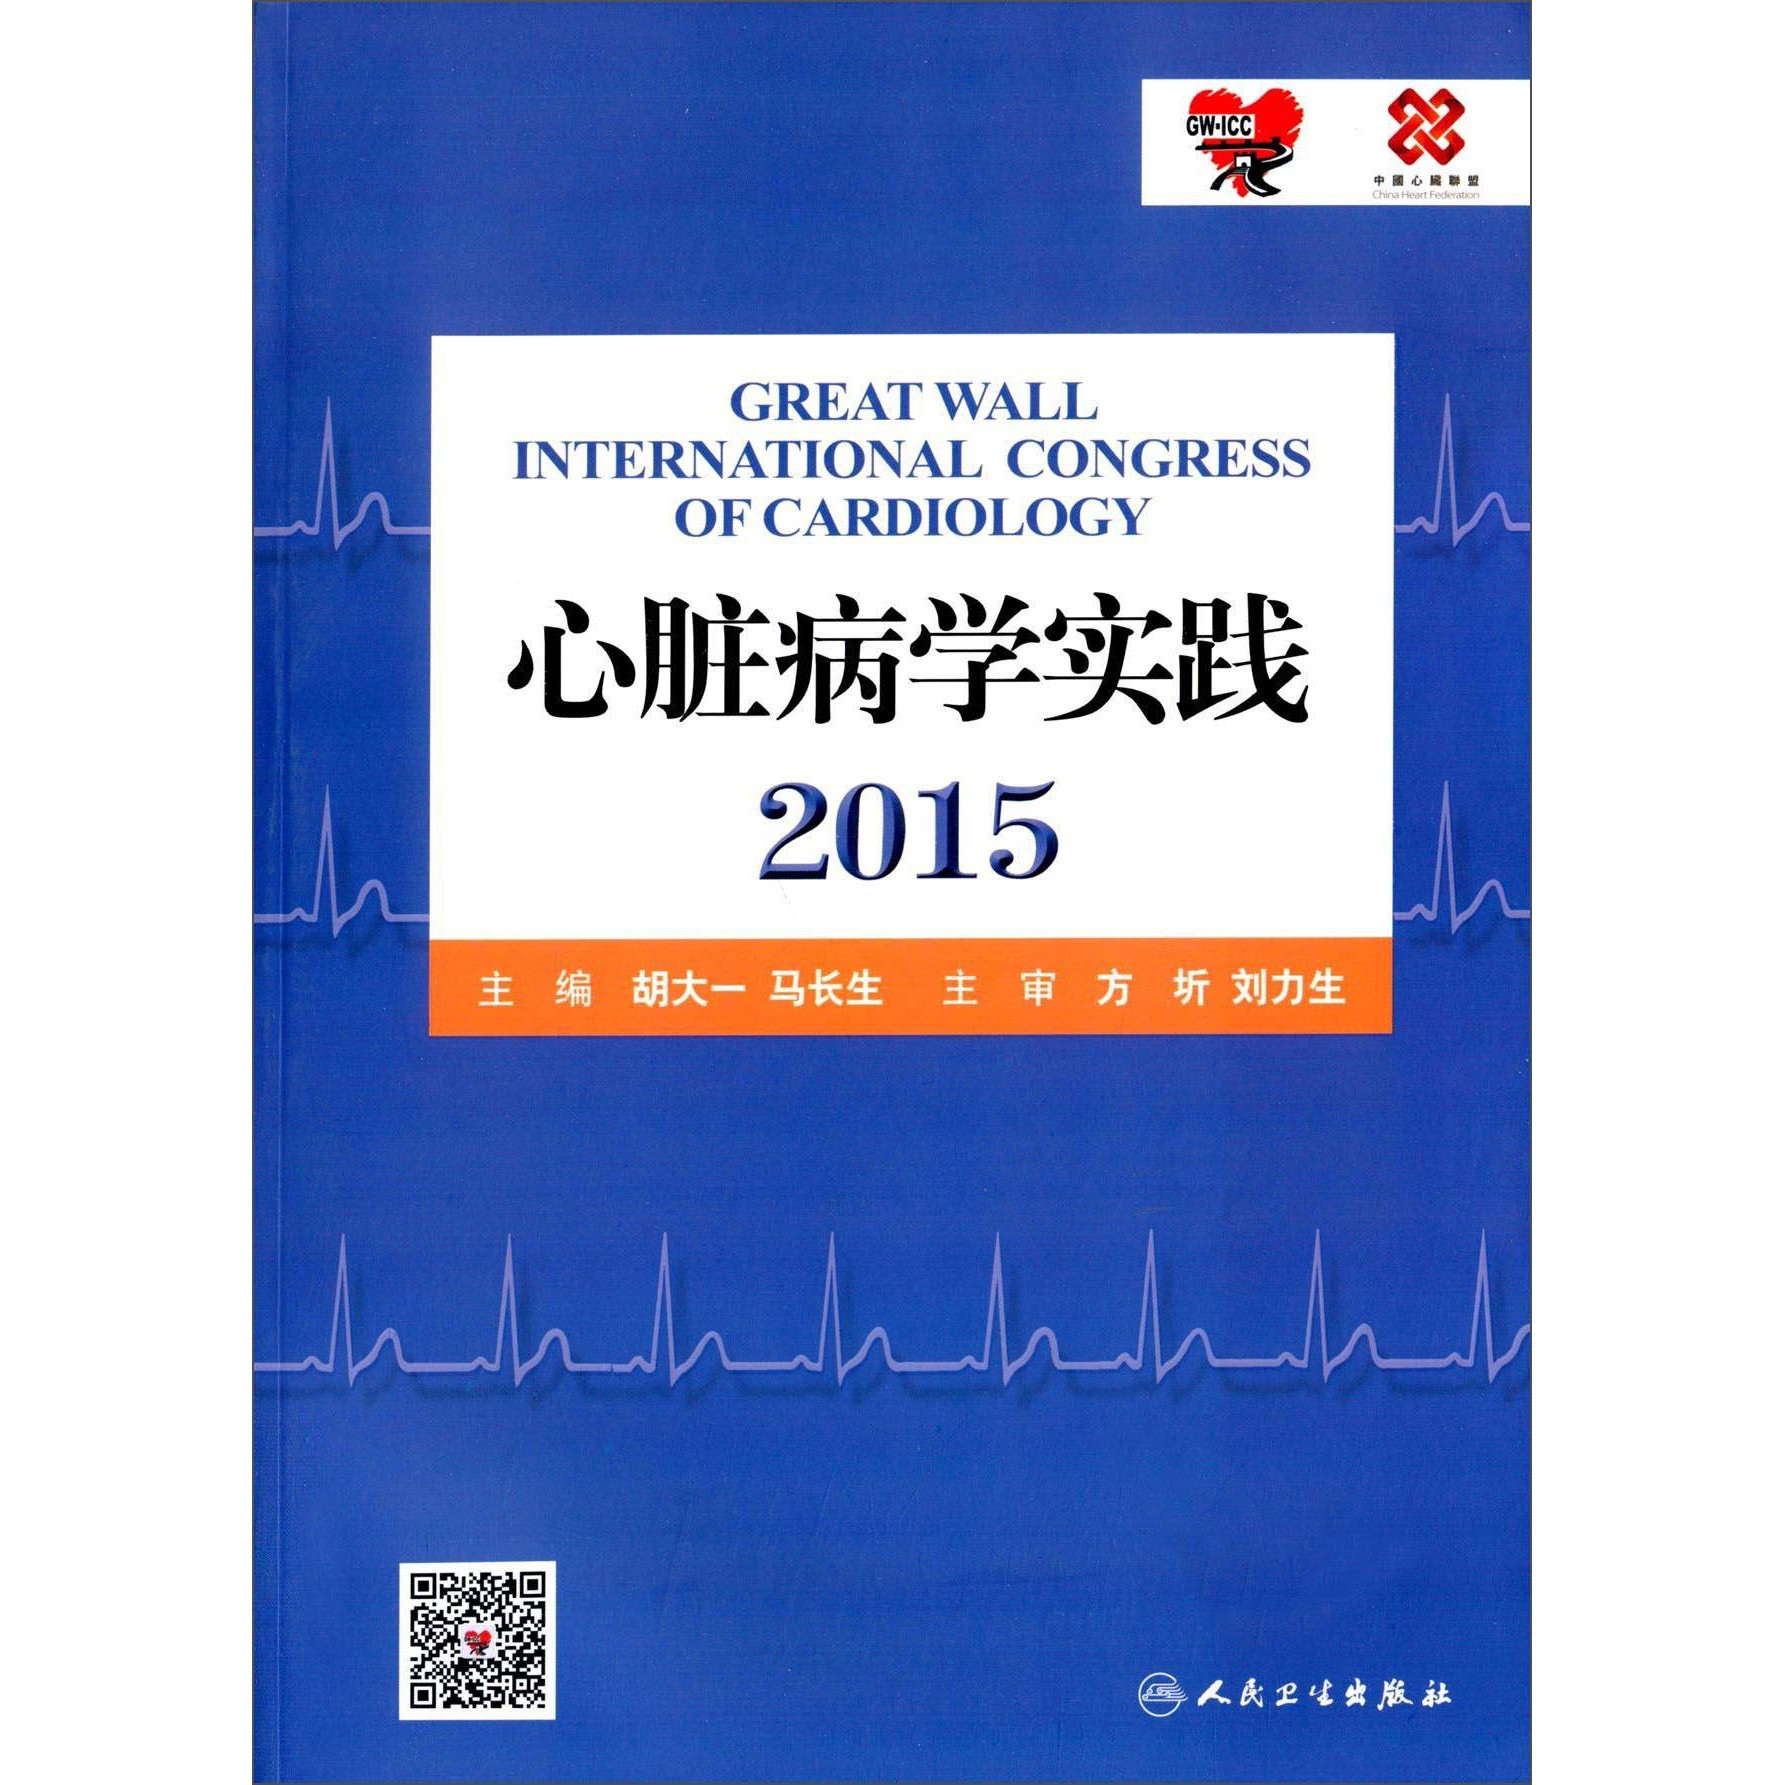 心脏病学实践2015 怎么样 - 亚米网